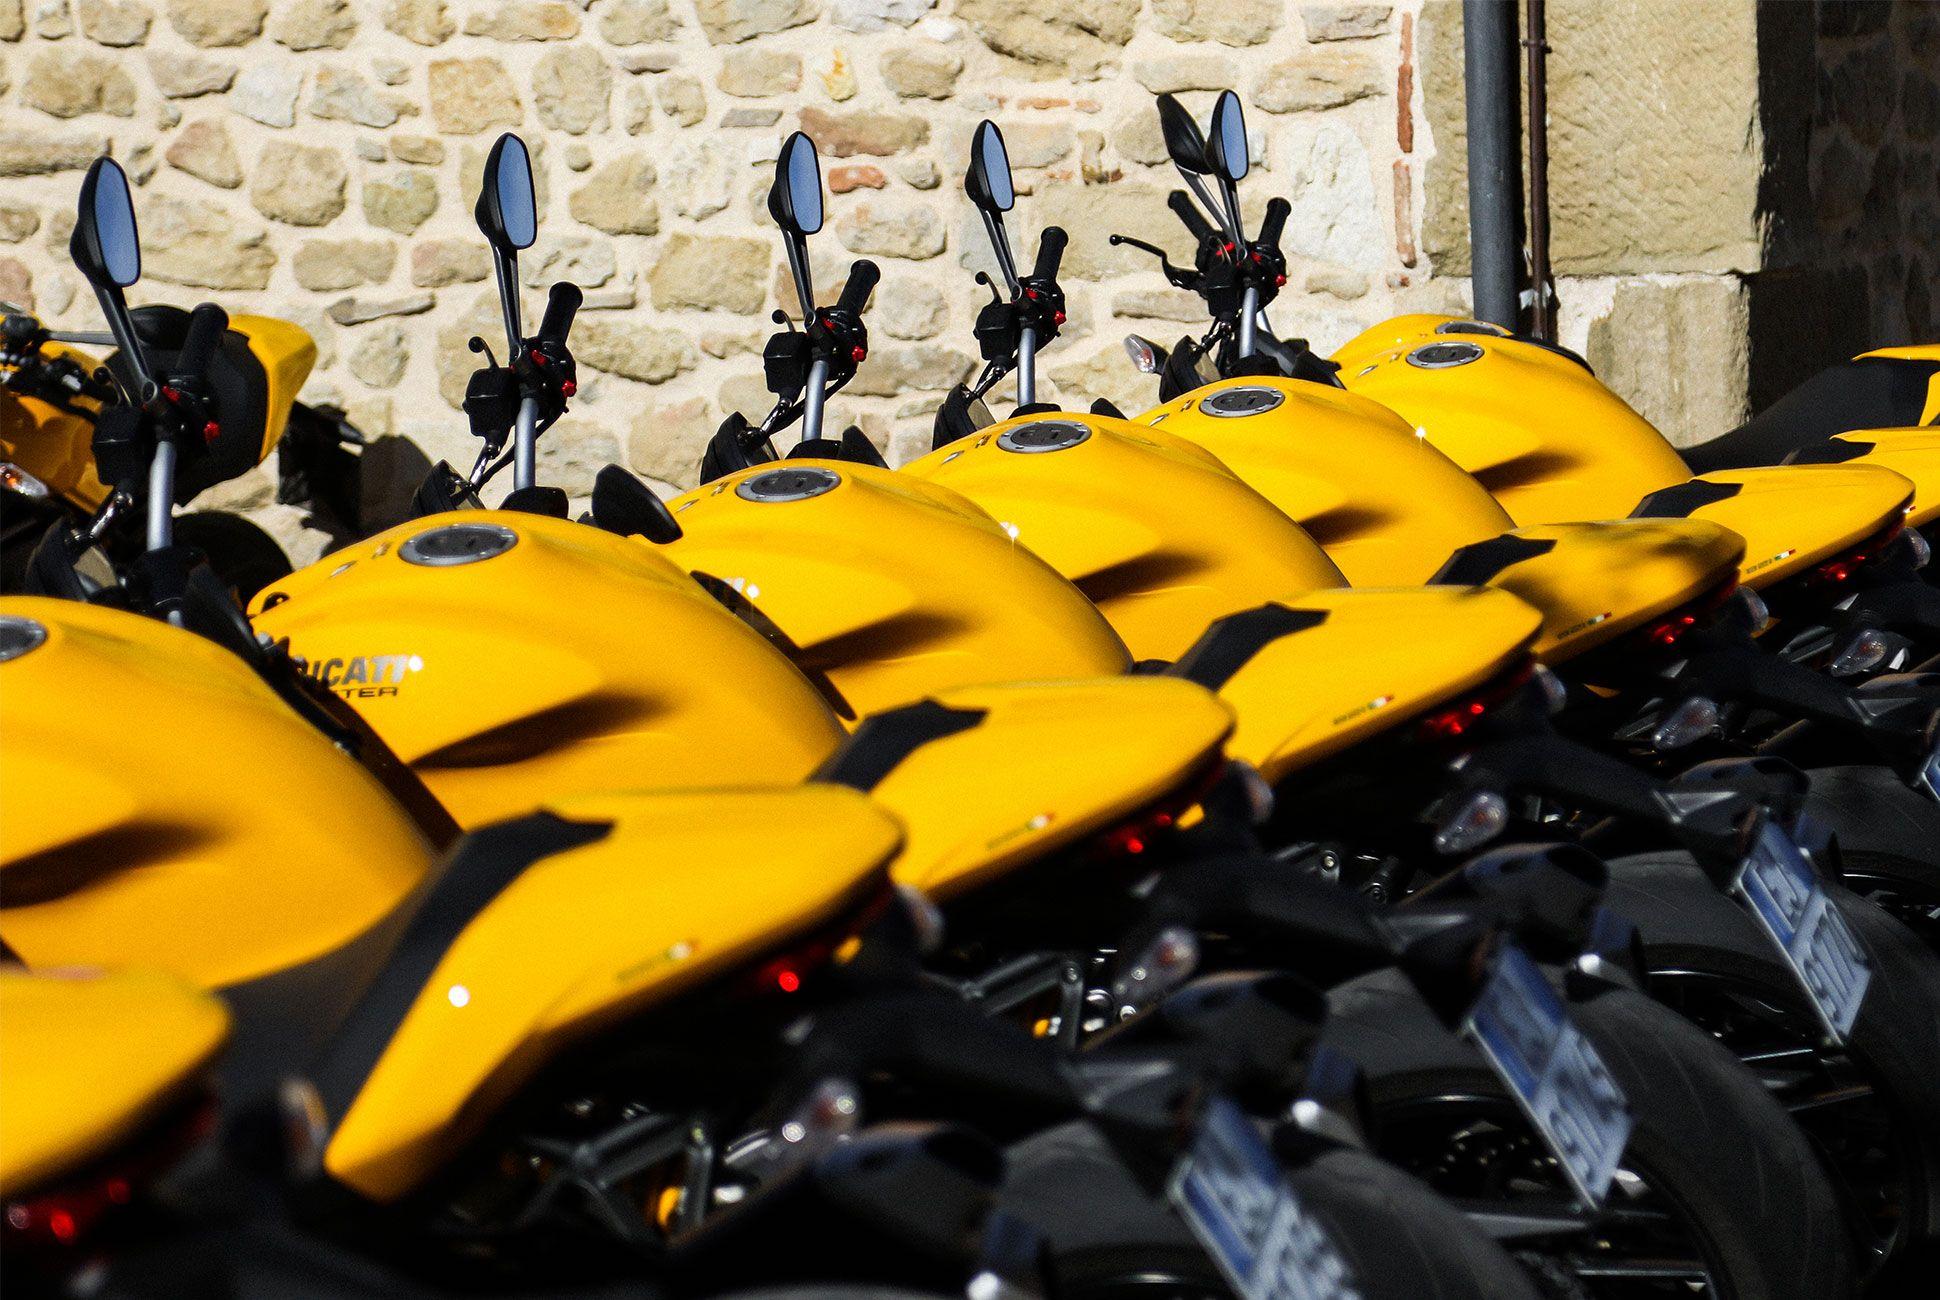 Ducati-821-Monster-Review-gear-patrol-8